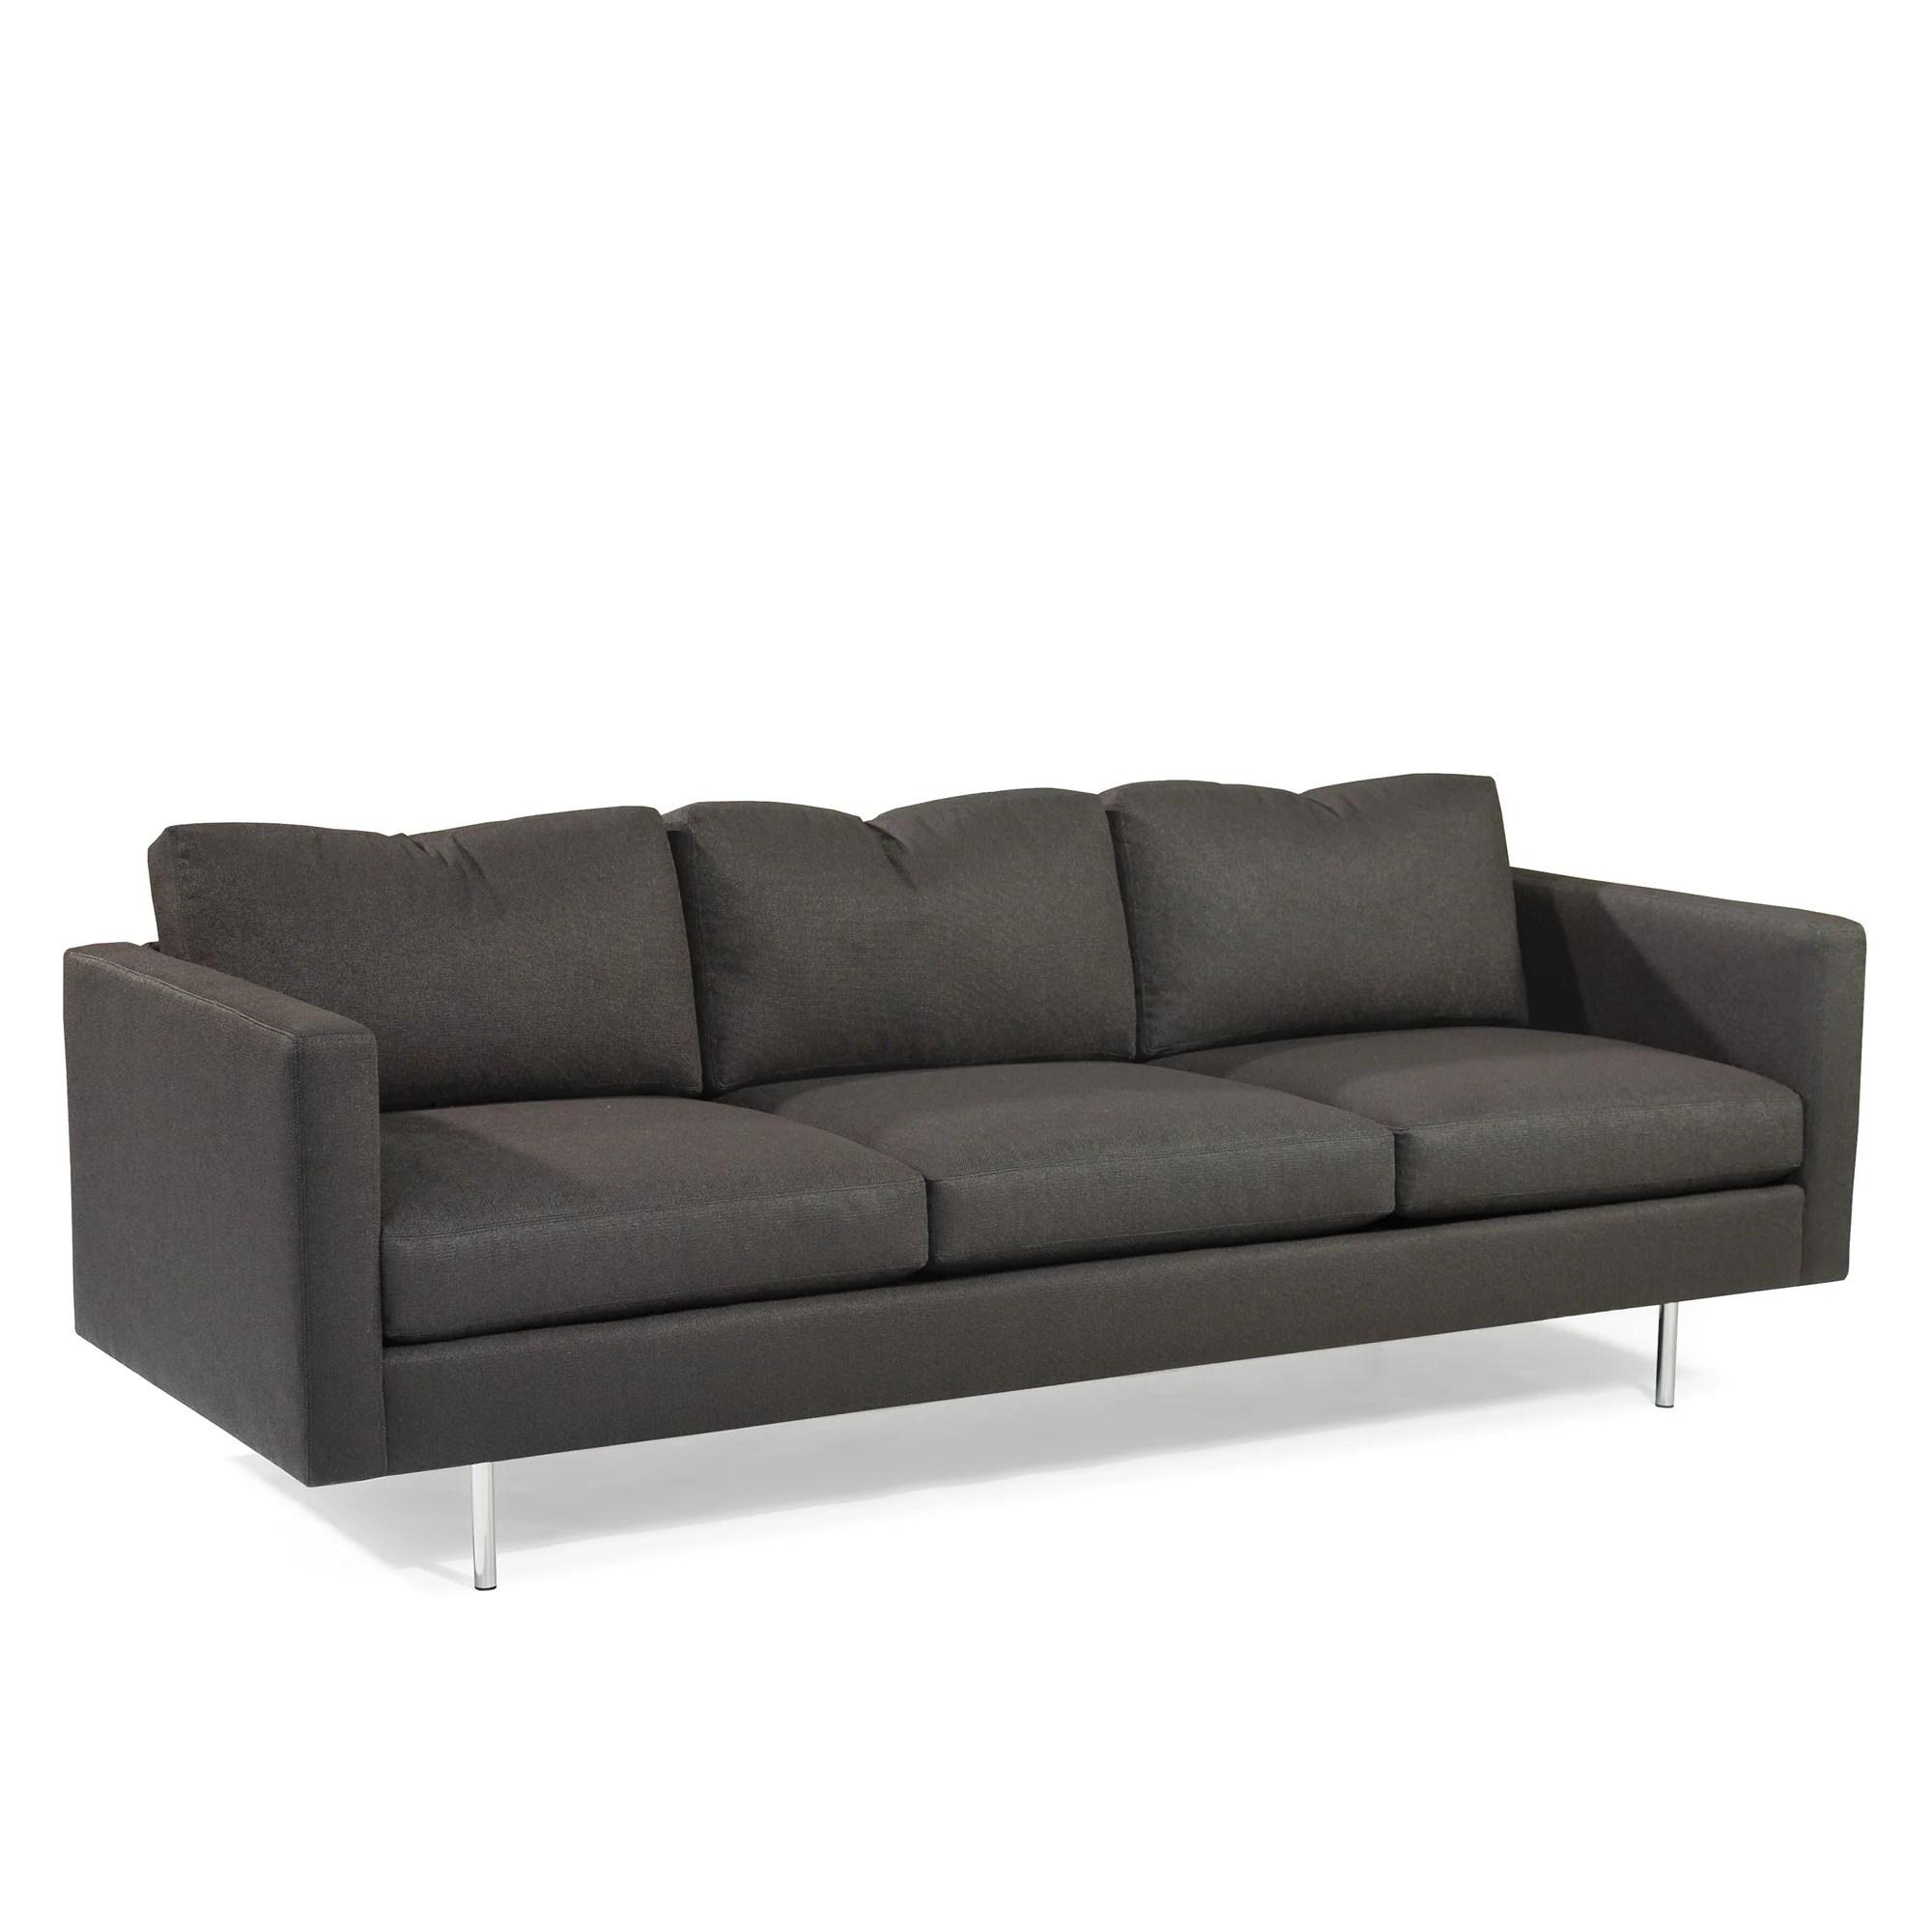 classic sofa chartreuse green design cf interiors